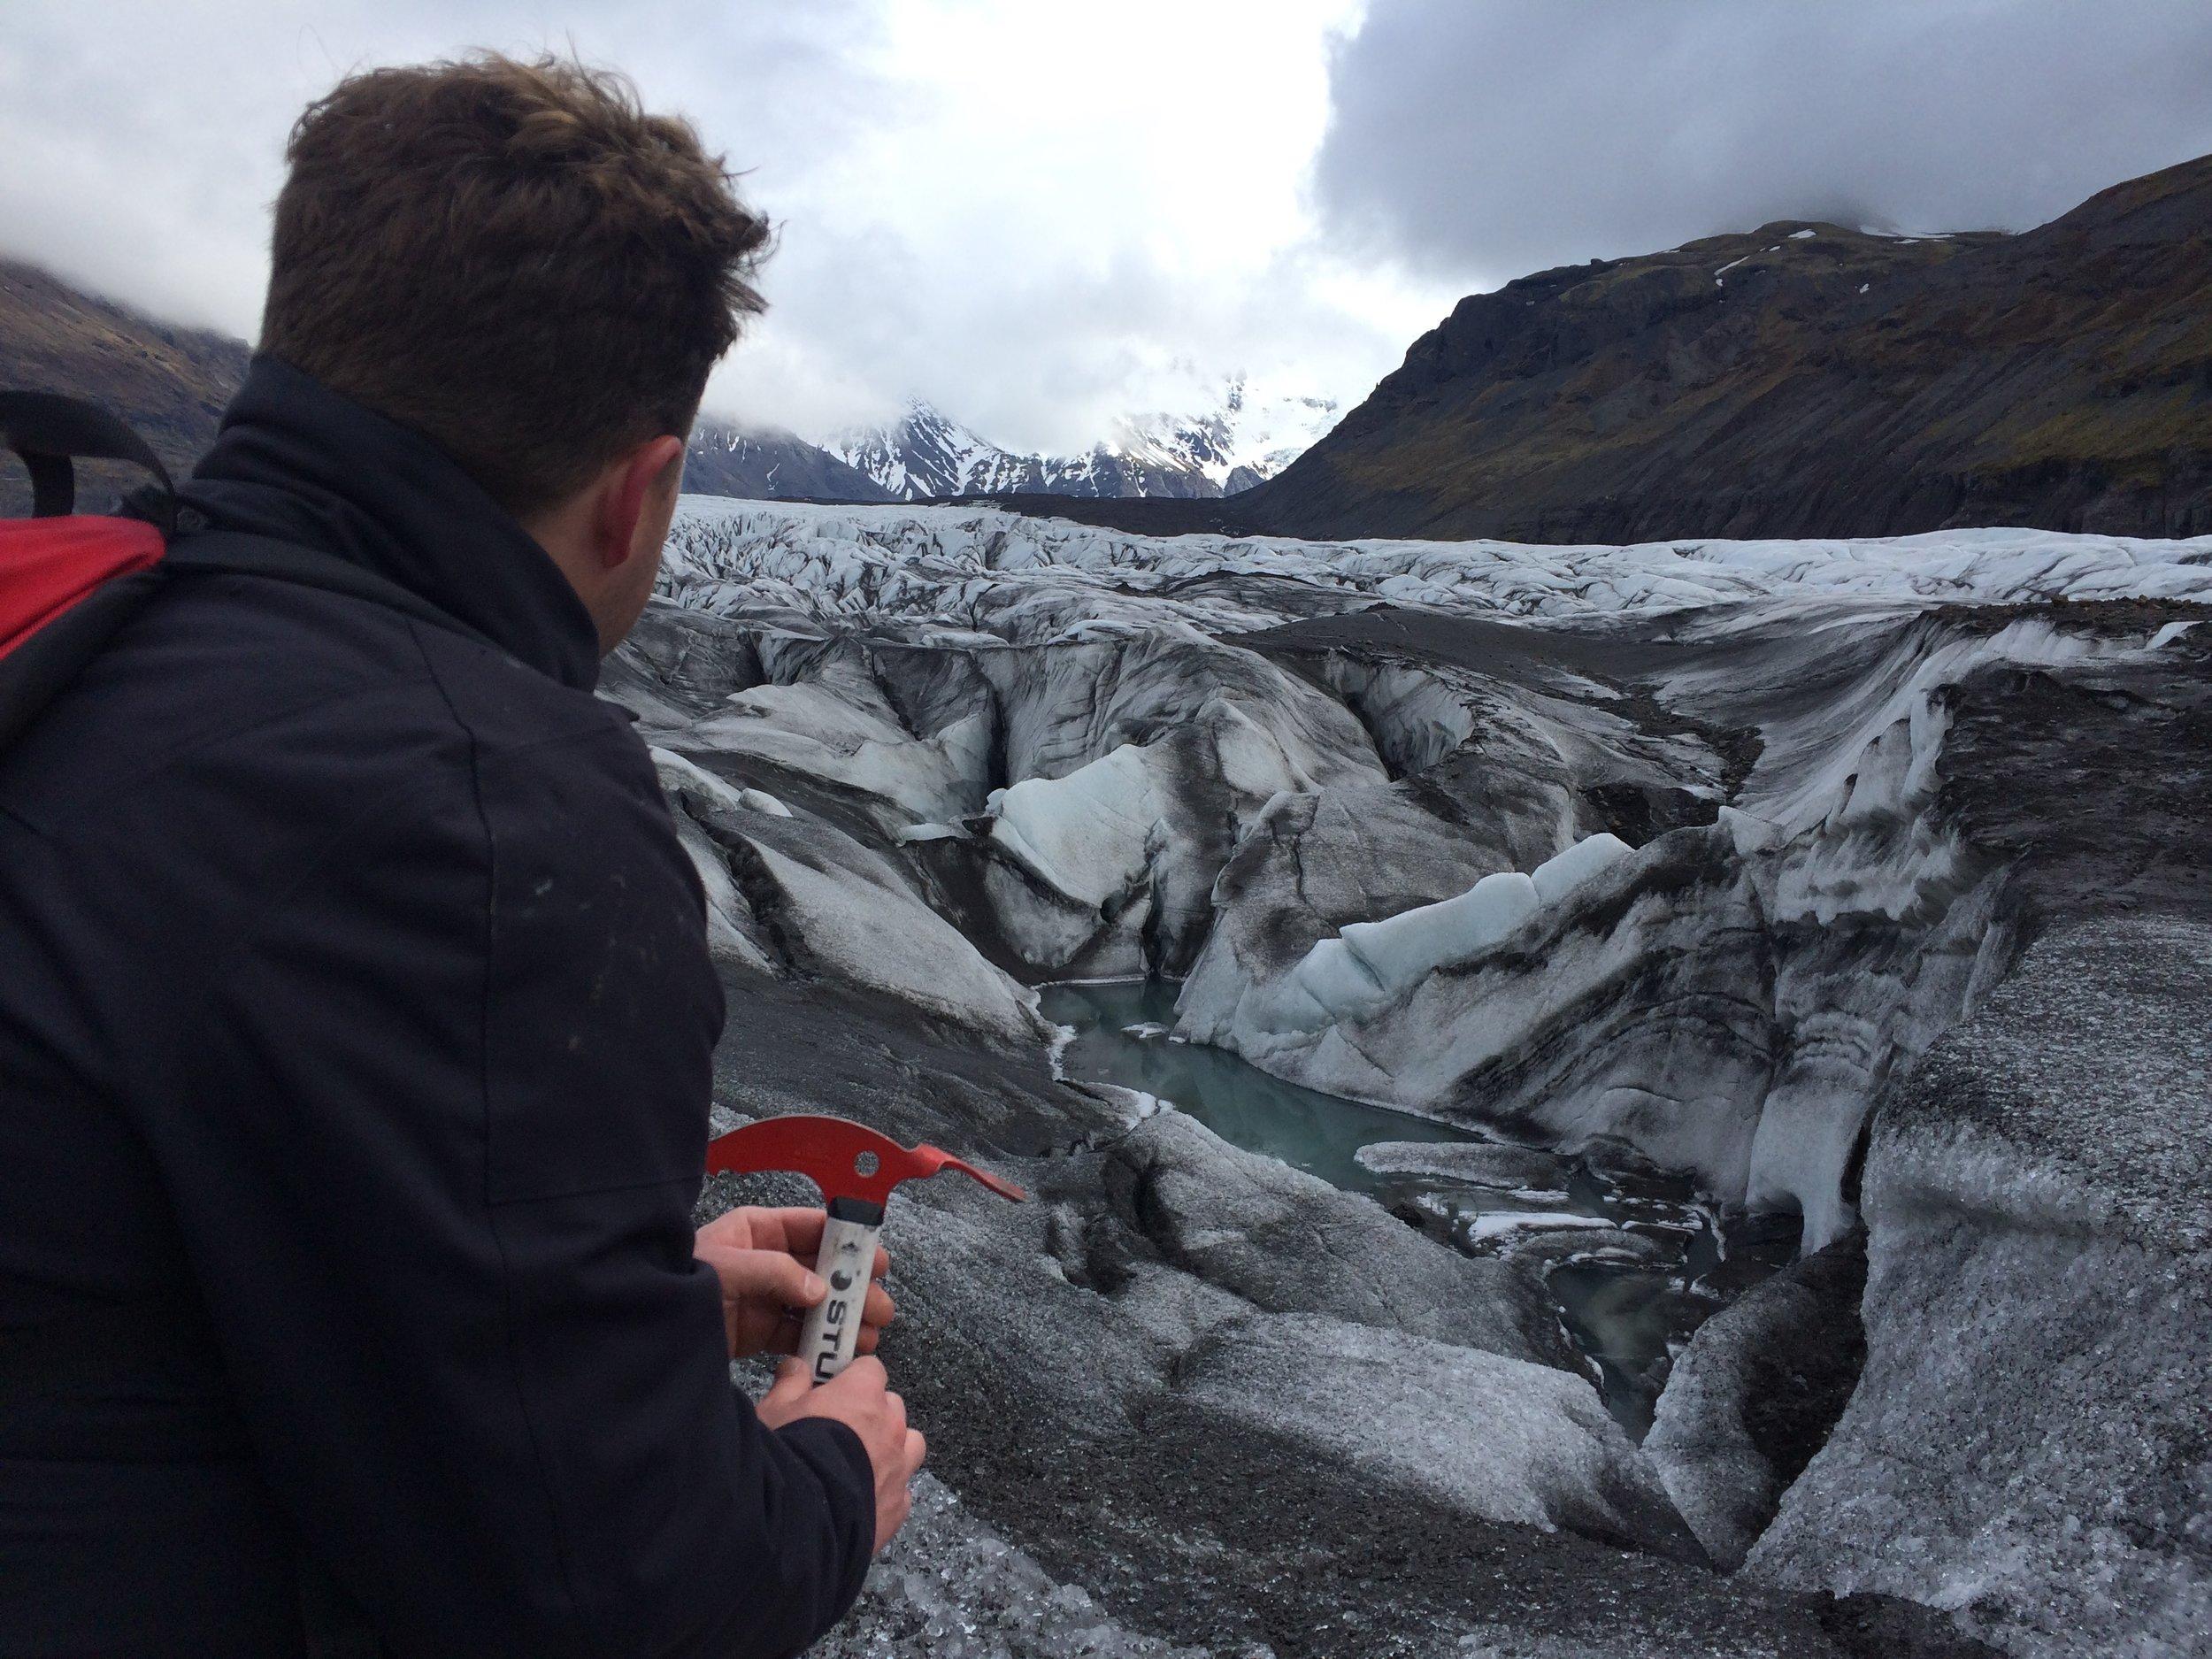 Jack on the glacier Svínafellsjökull. Manly.